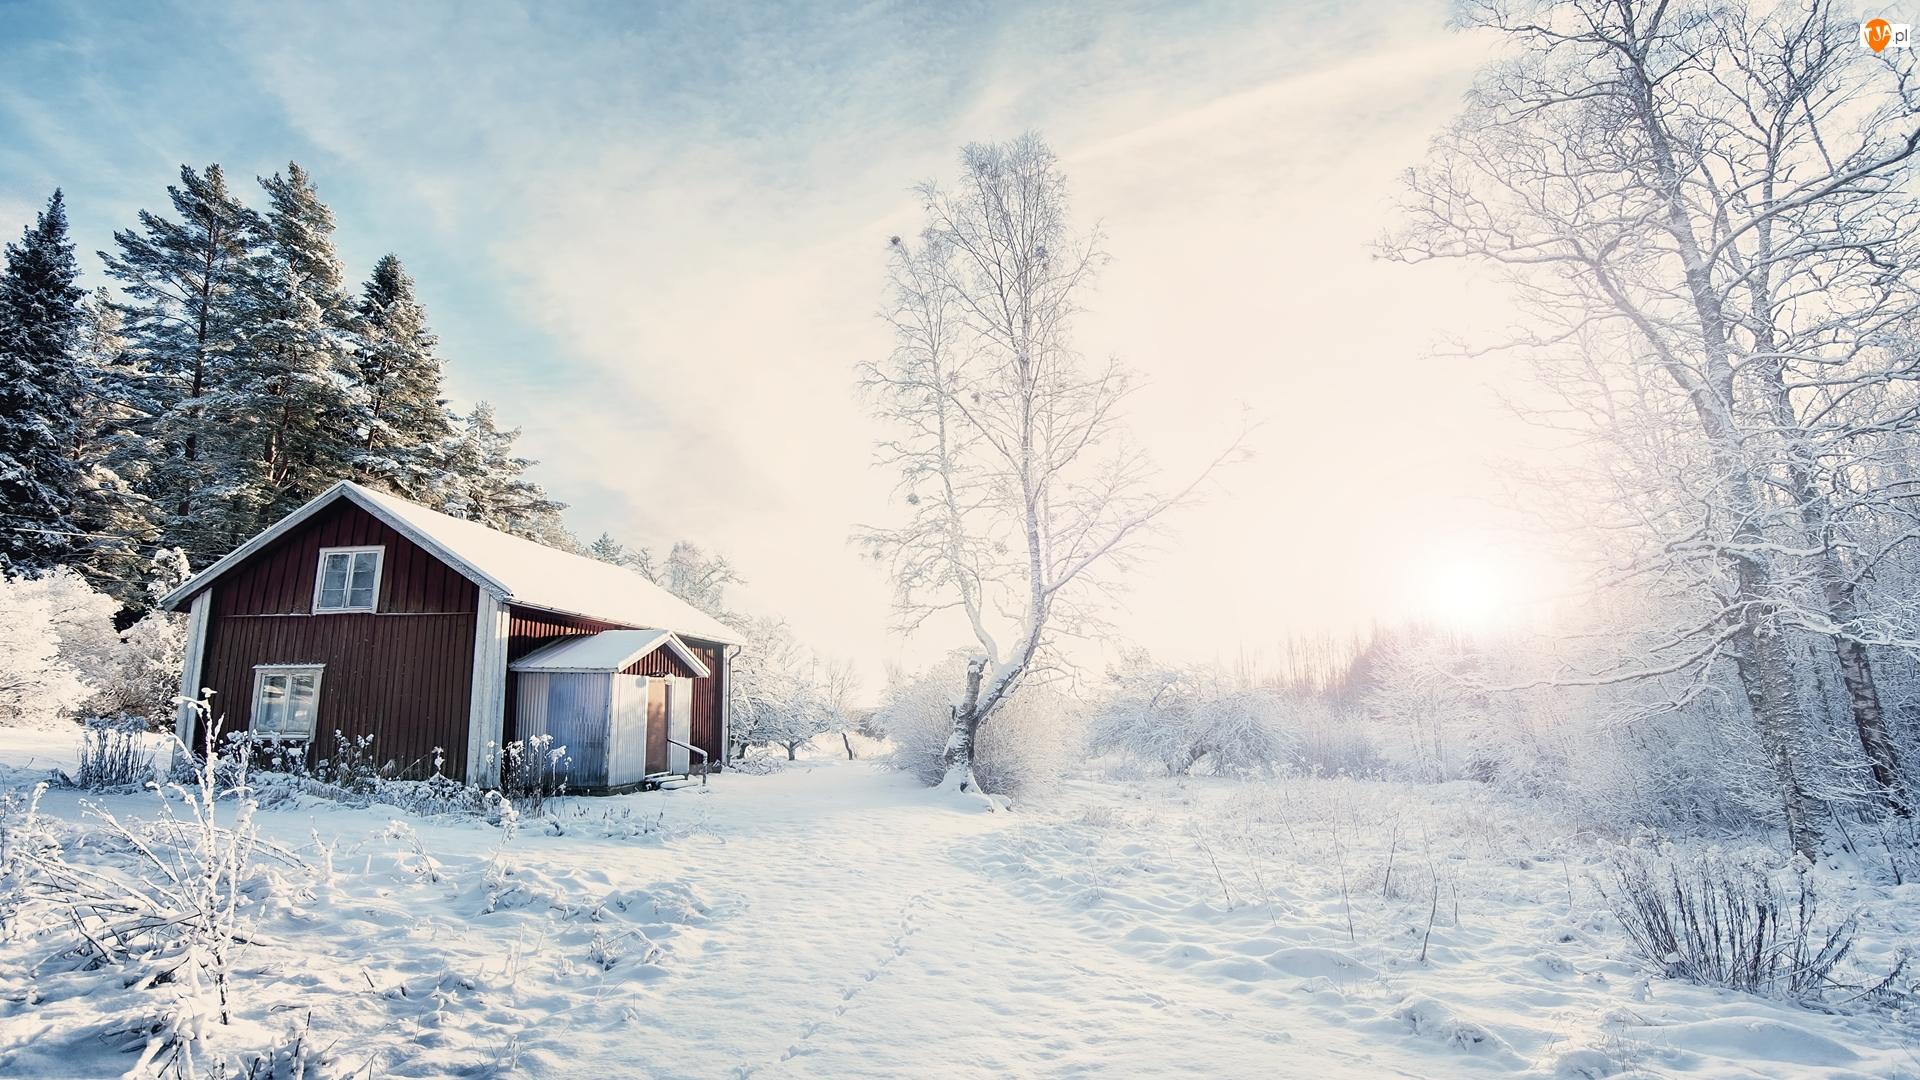 Dom, Wschód słońca, Drzewa, Zima, Droga